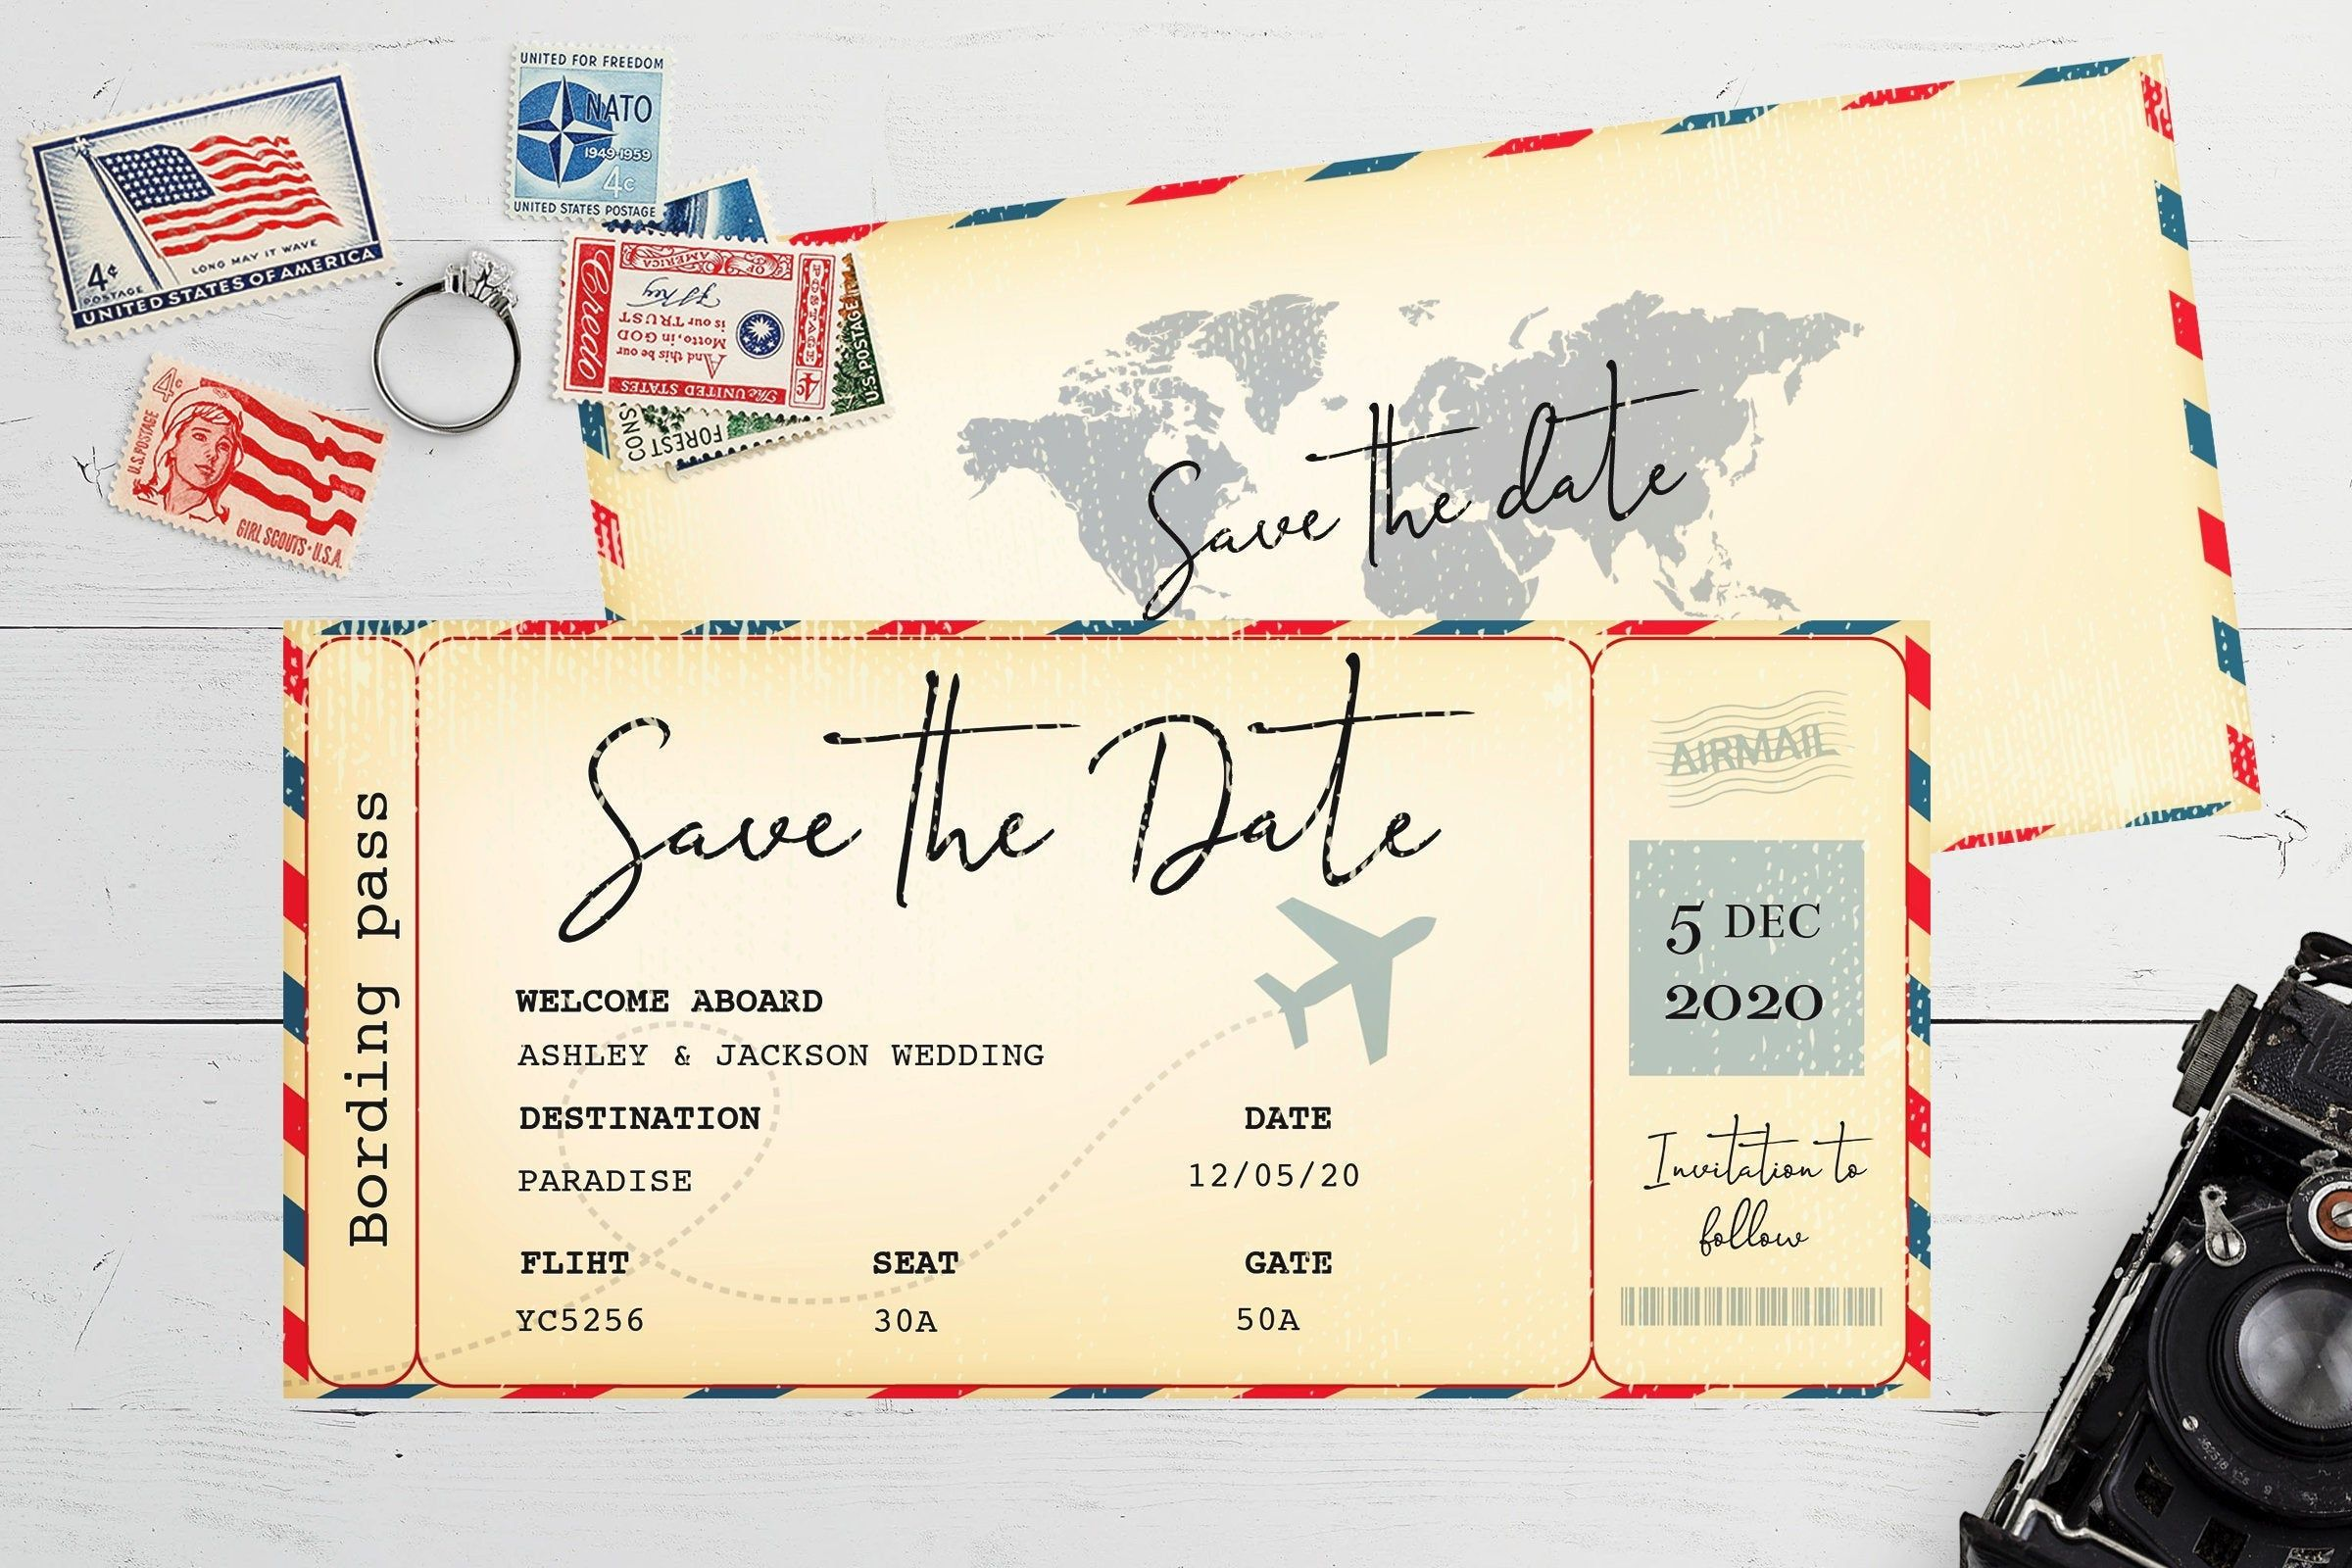 VOYAGE MARIAGE enregistrer la date, carte d'embarquement enregistrer la date, voyage mariage ...